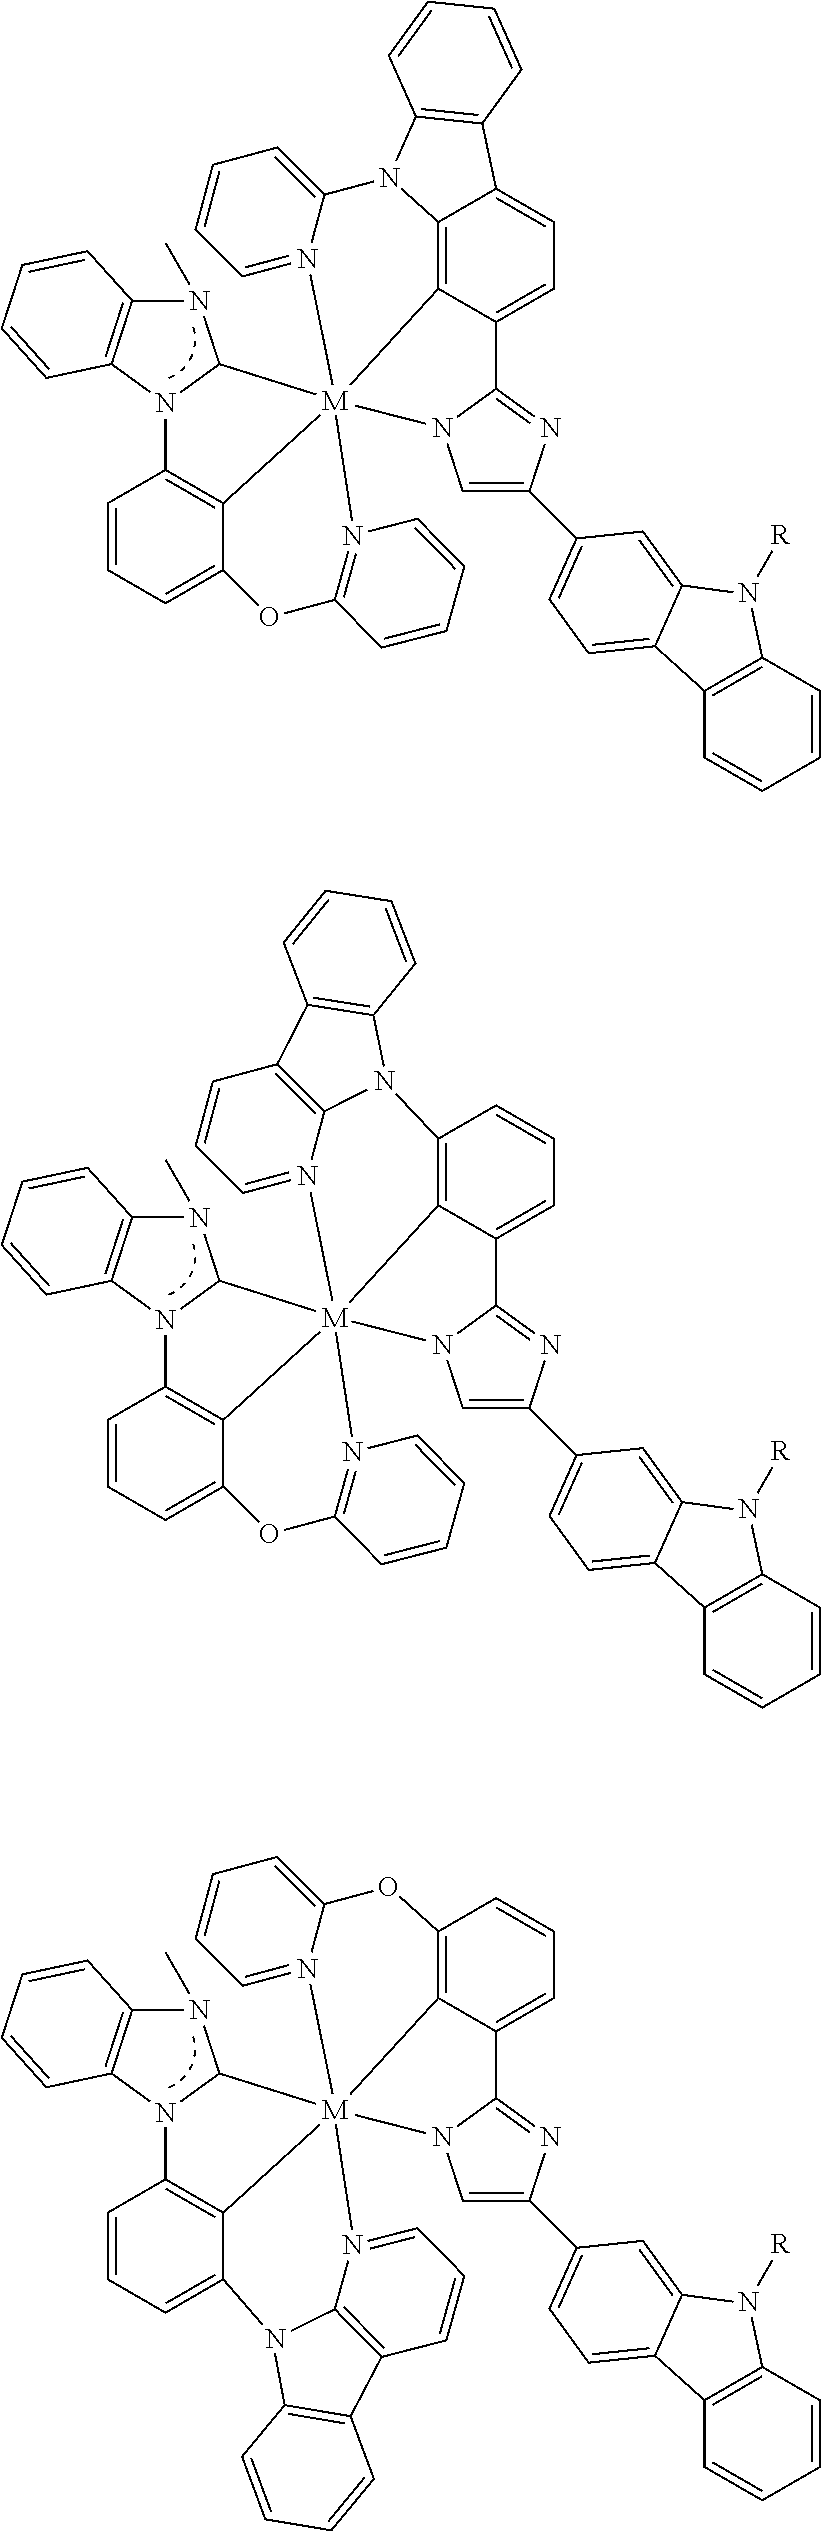 Figure US09818959-20171114-C00350